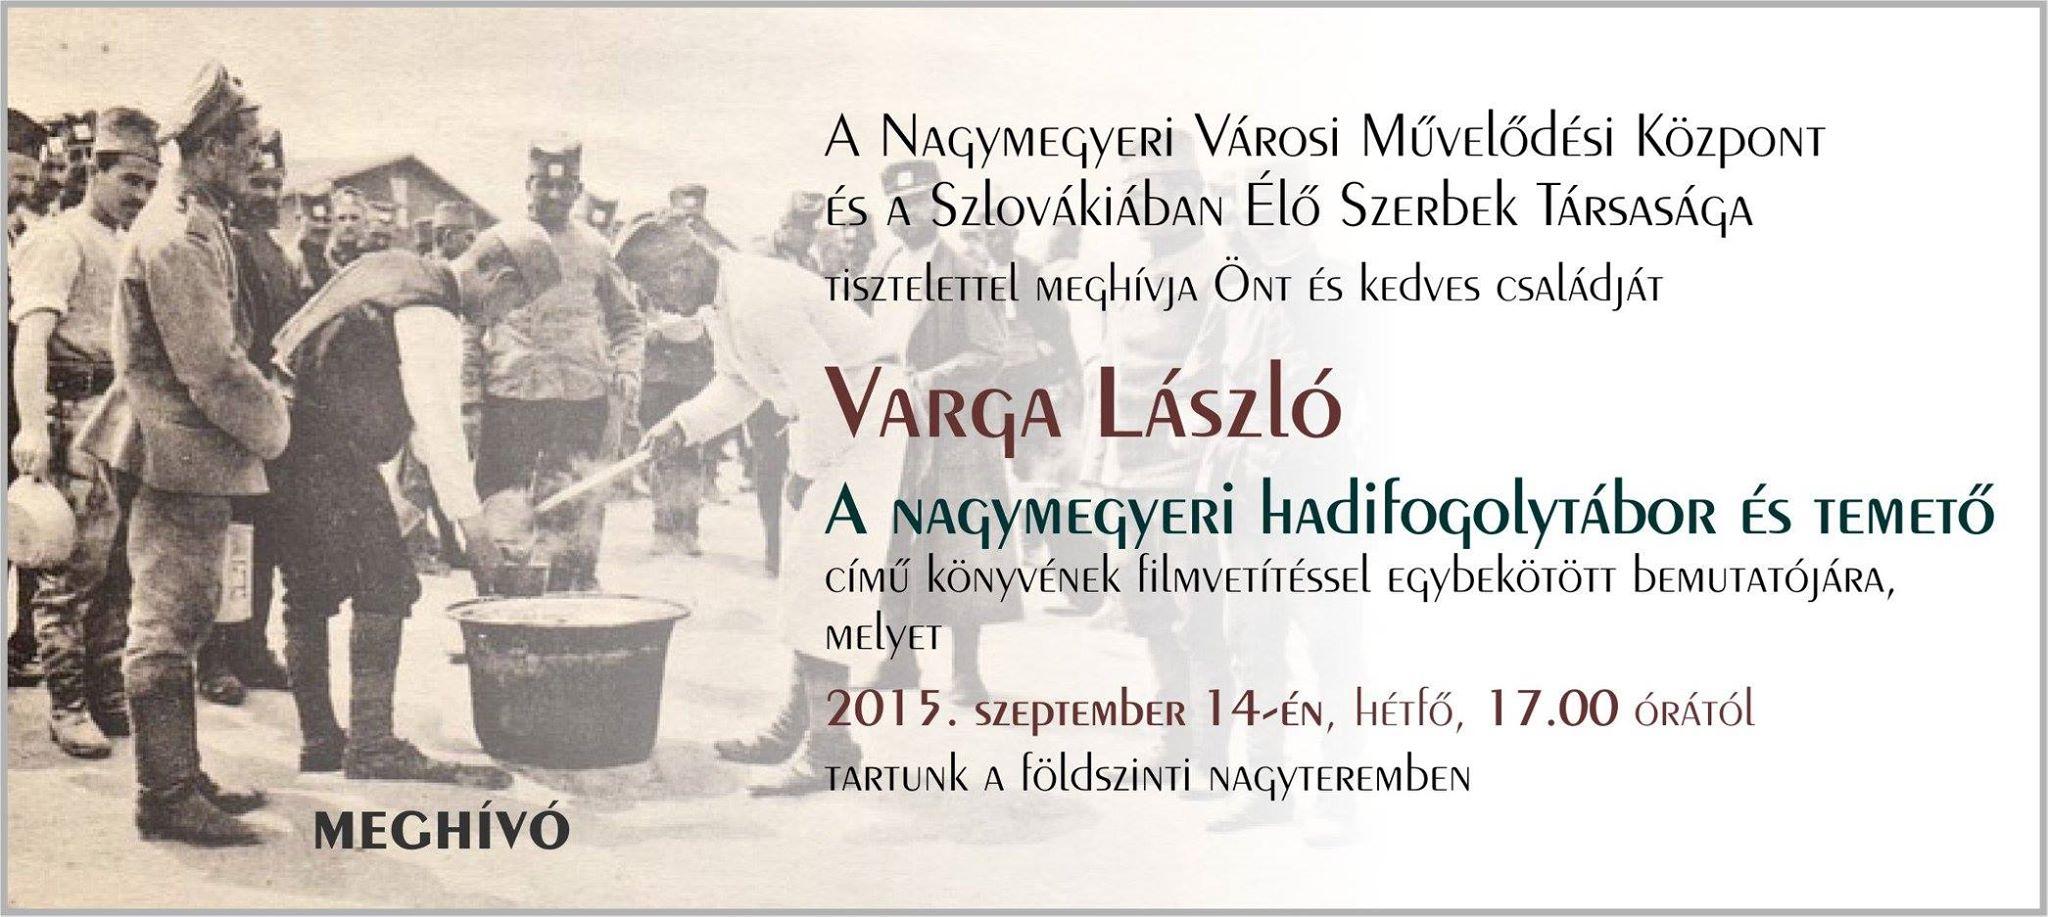 nagymegyer-konyvbemutato-varga-laszlo-2015